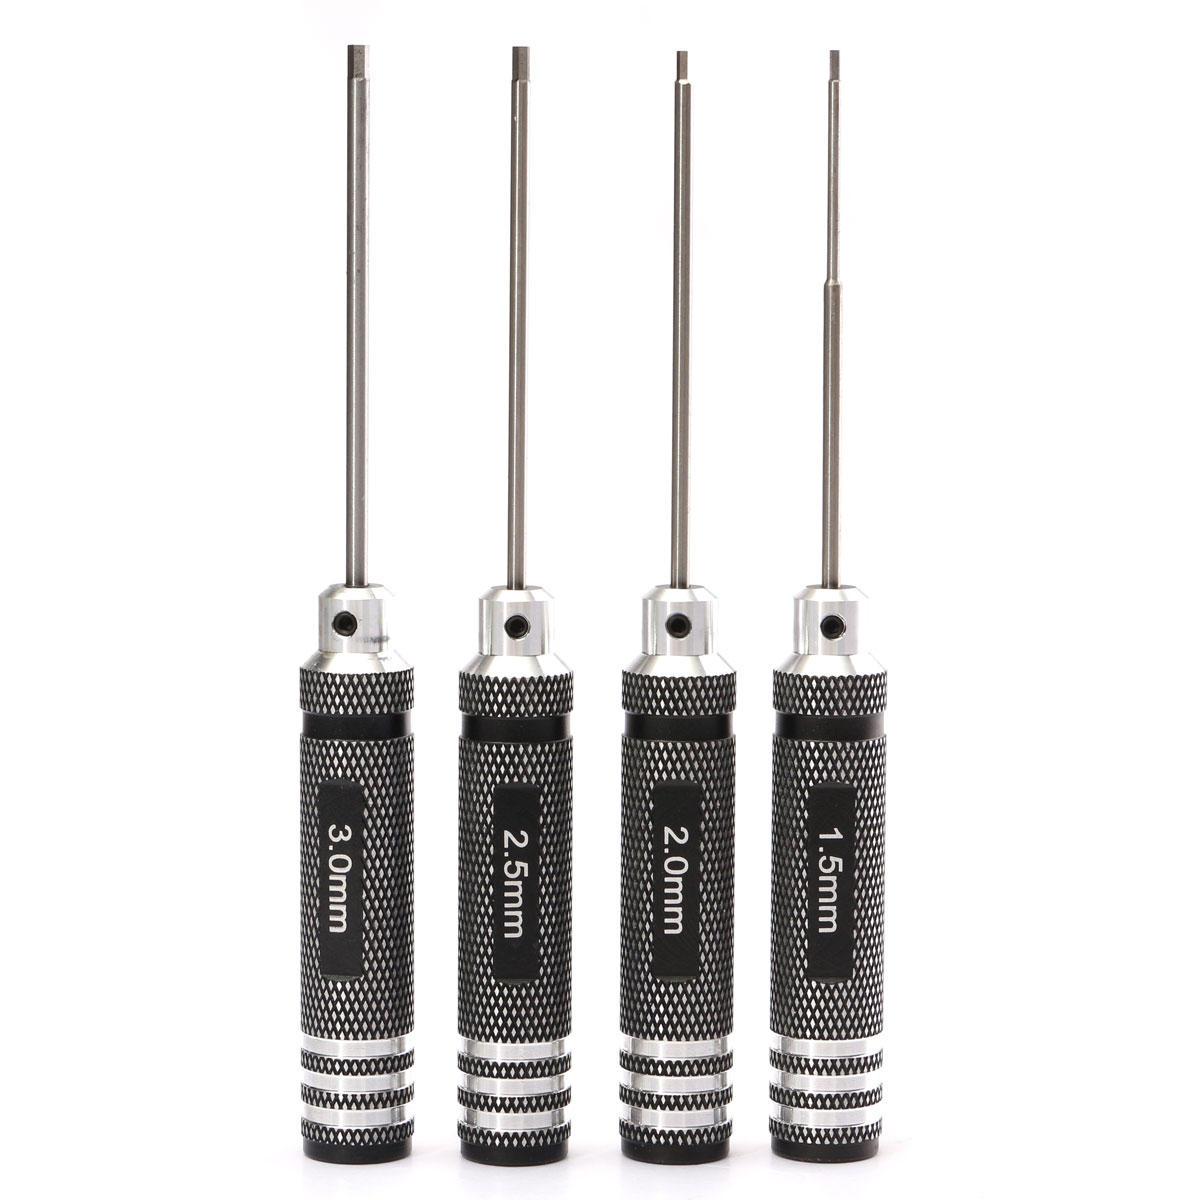 Drillpro 4pcs Hex Screwdriver Tool Kit 1.5/2.0/2.5/3.0mm Black Repair Tool Set